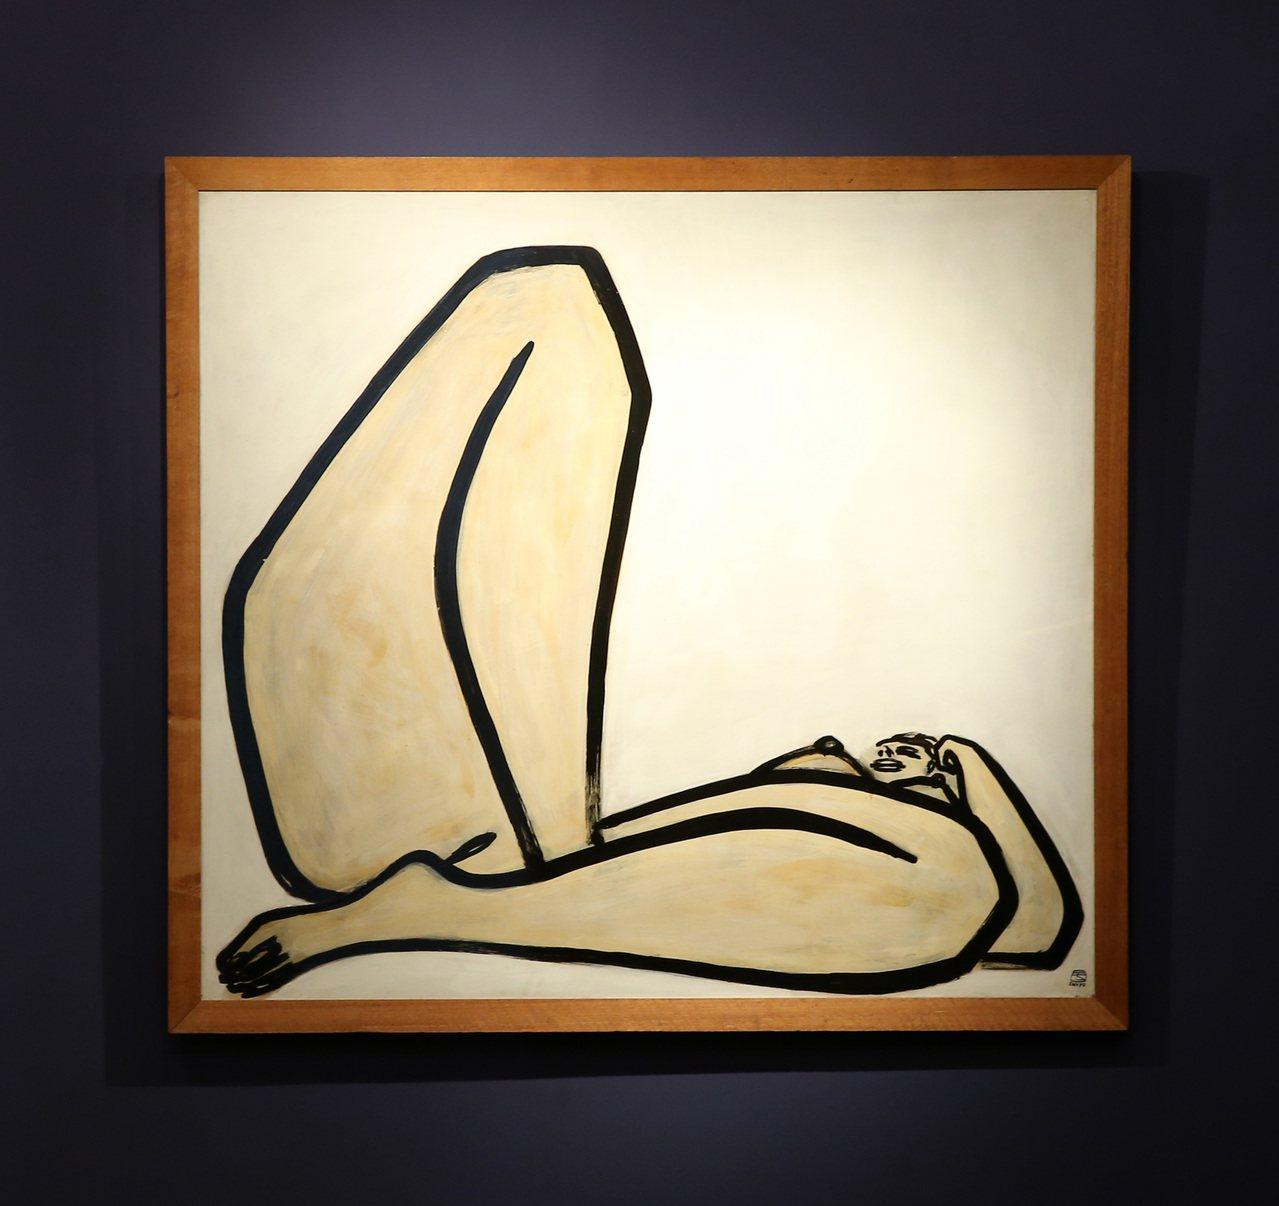 常玉最後一件裸女作品「曲腿裸女」,逾半世紀後首度亮相台北。記者林澔一/攝影